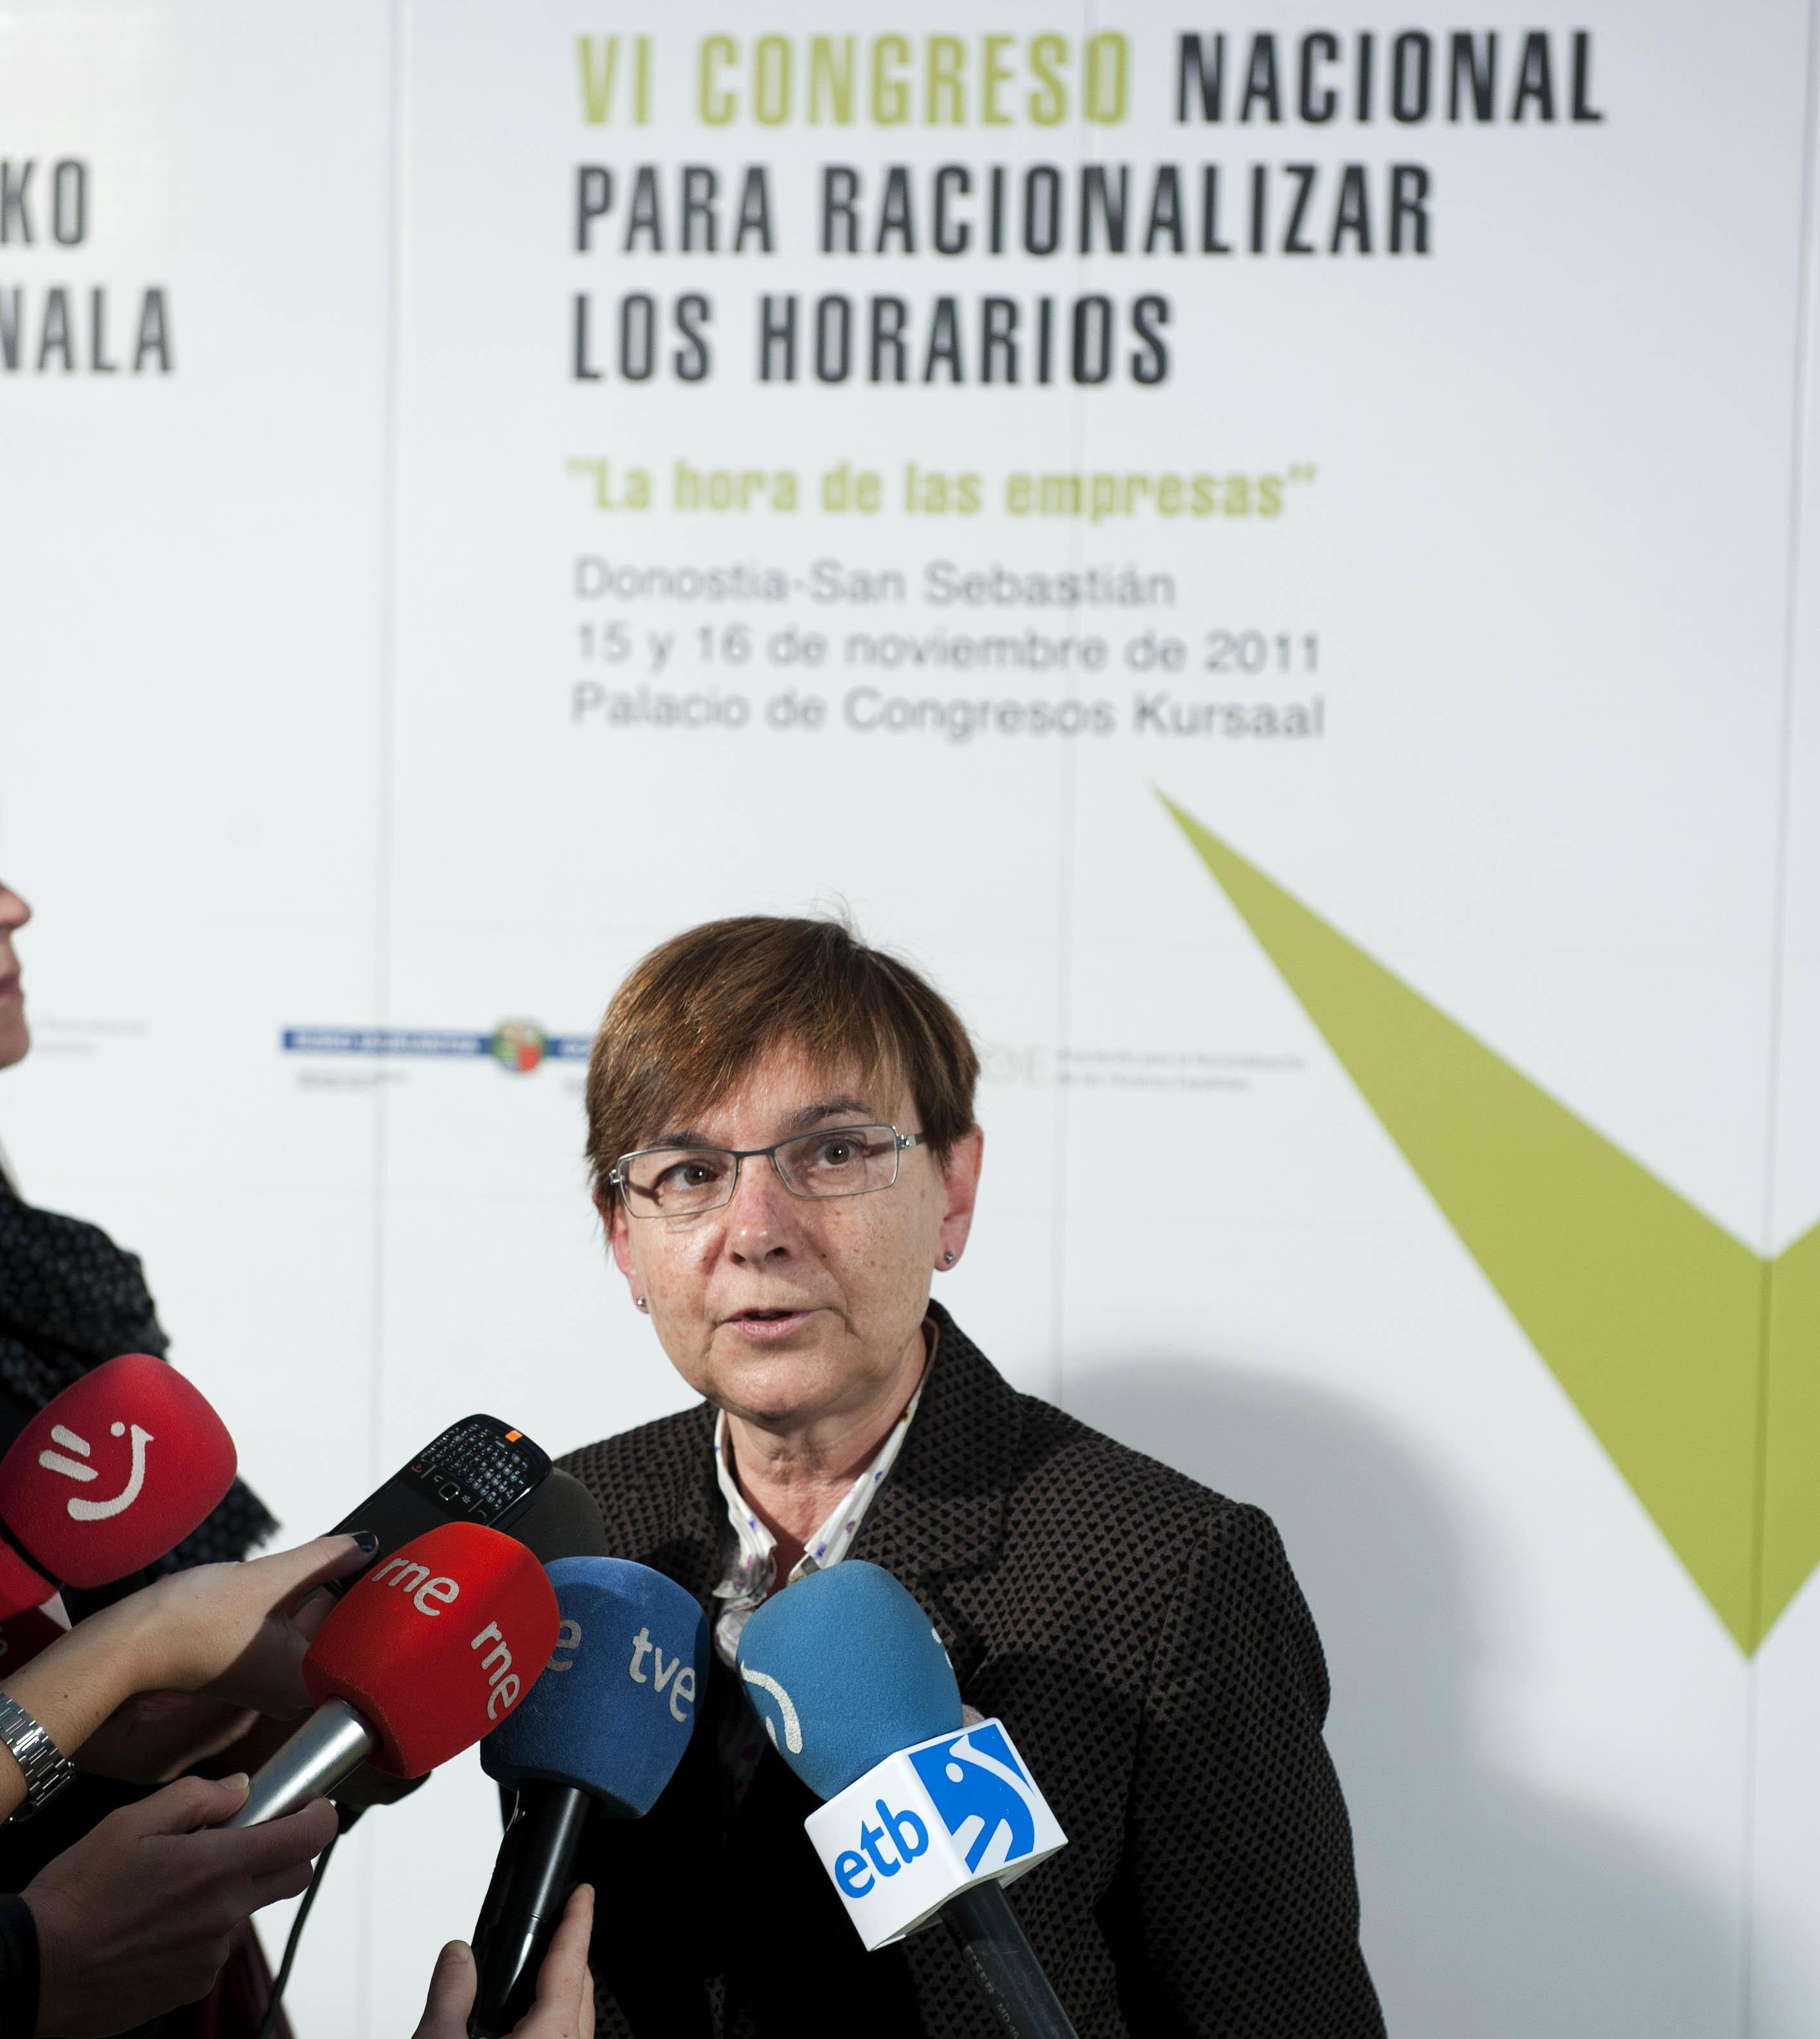 2011_11_15_zabaleta_congreso_racionalizar_horarios3.jpg